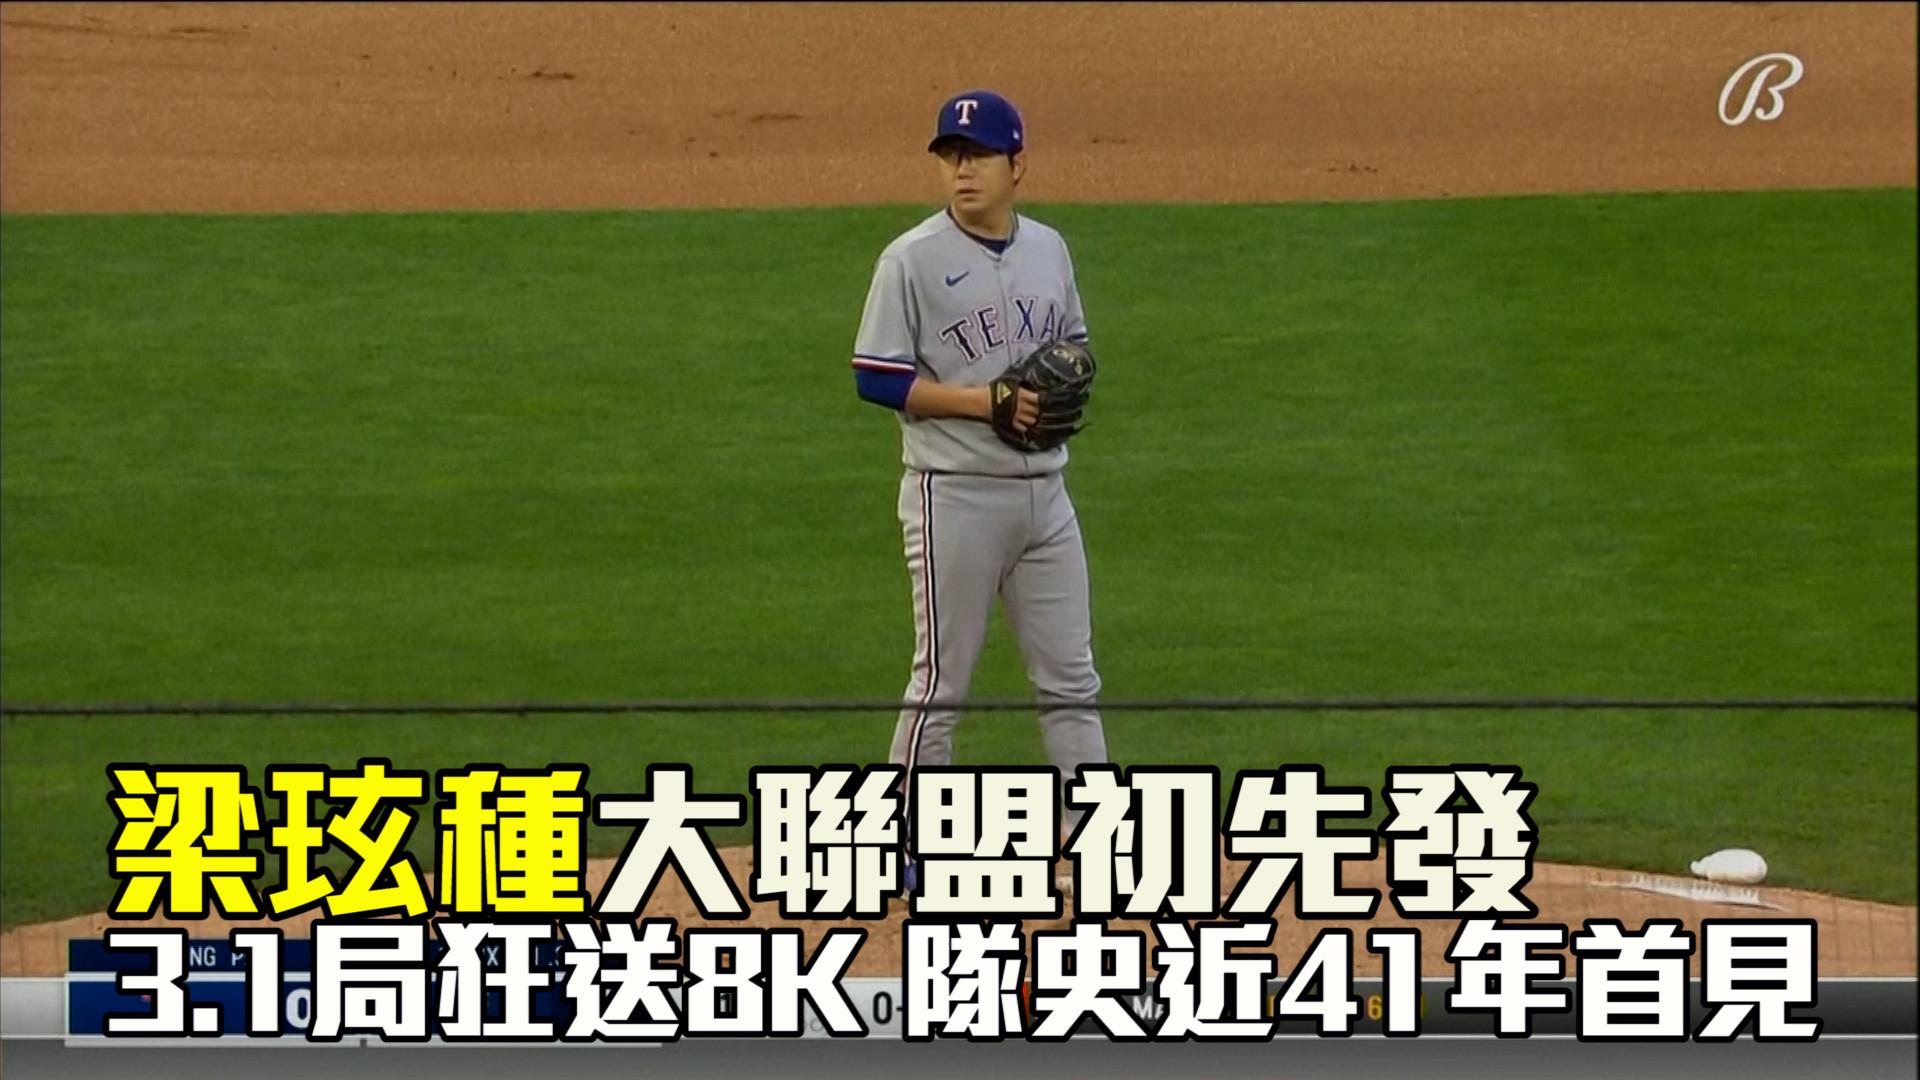 【MLB看愛爾達】梁玹種大聯盟初先發 3.1局狂飆8K 05/06